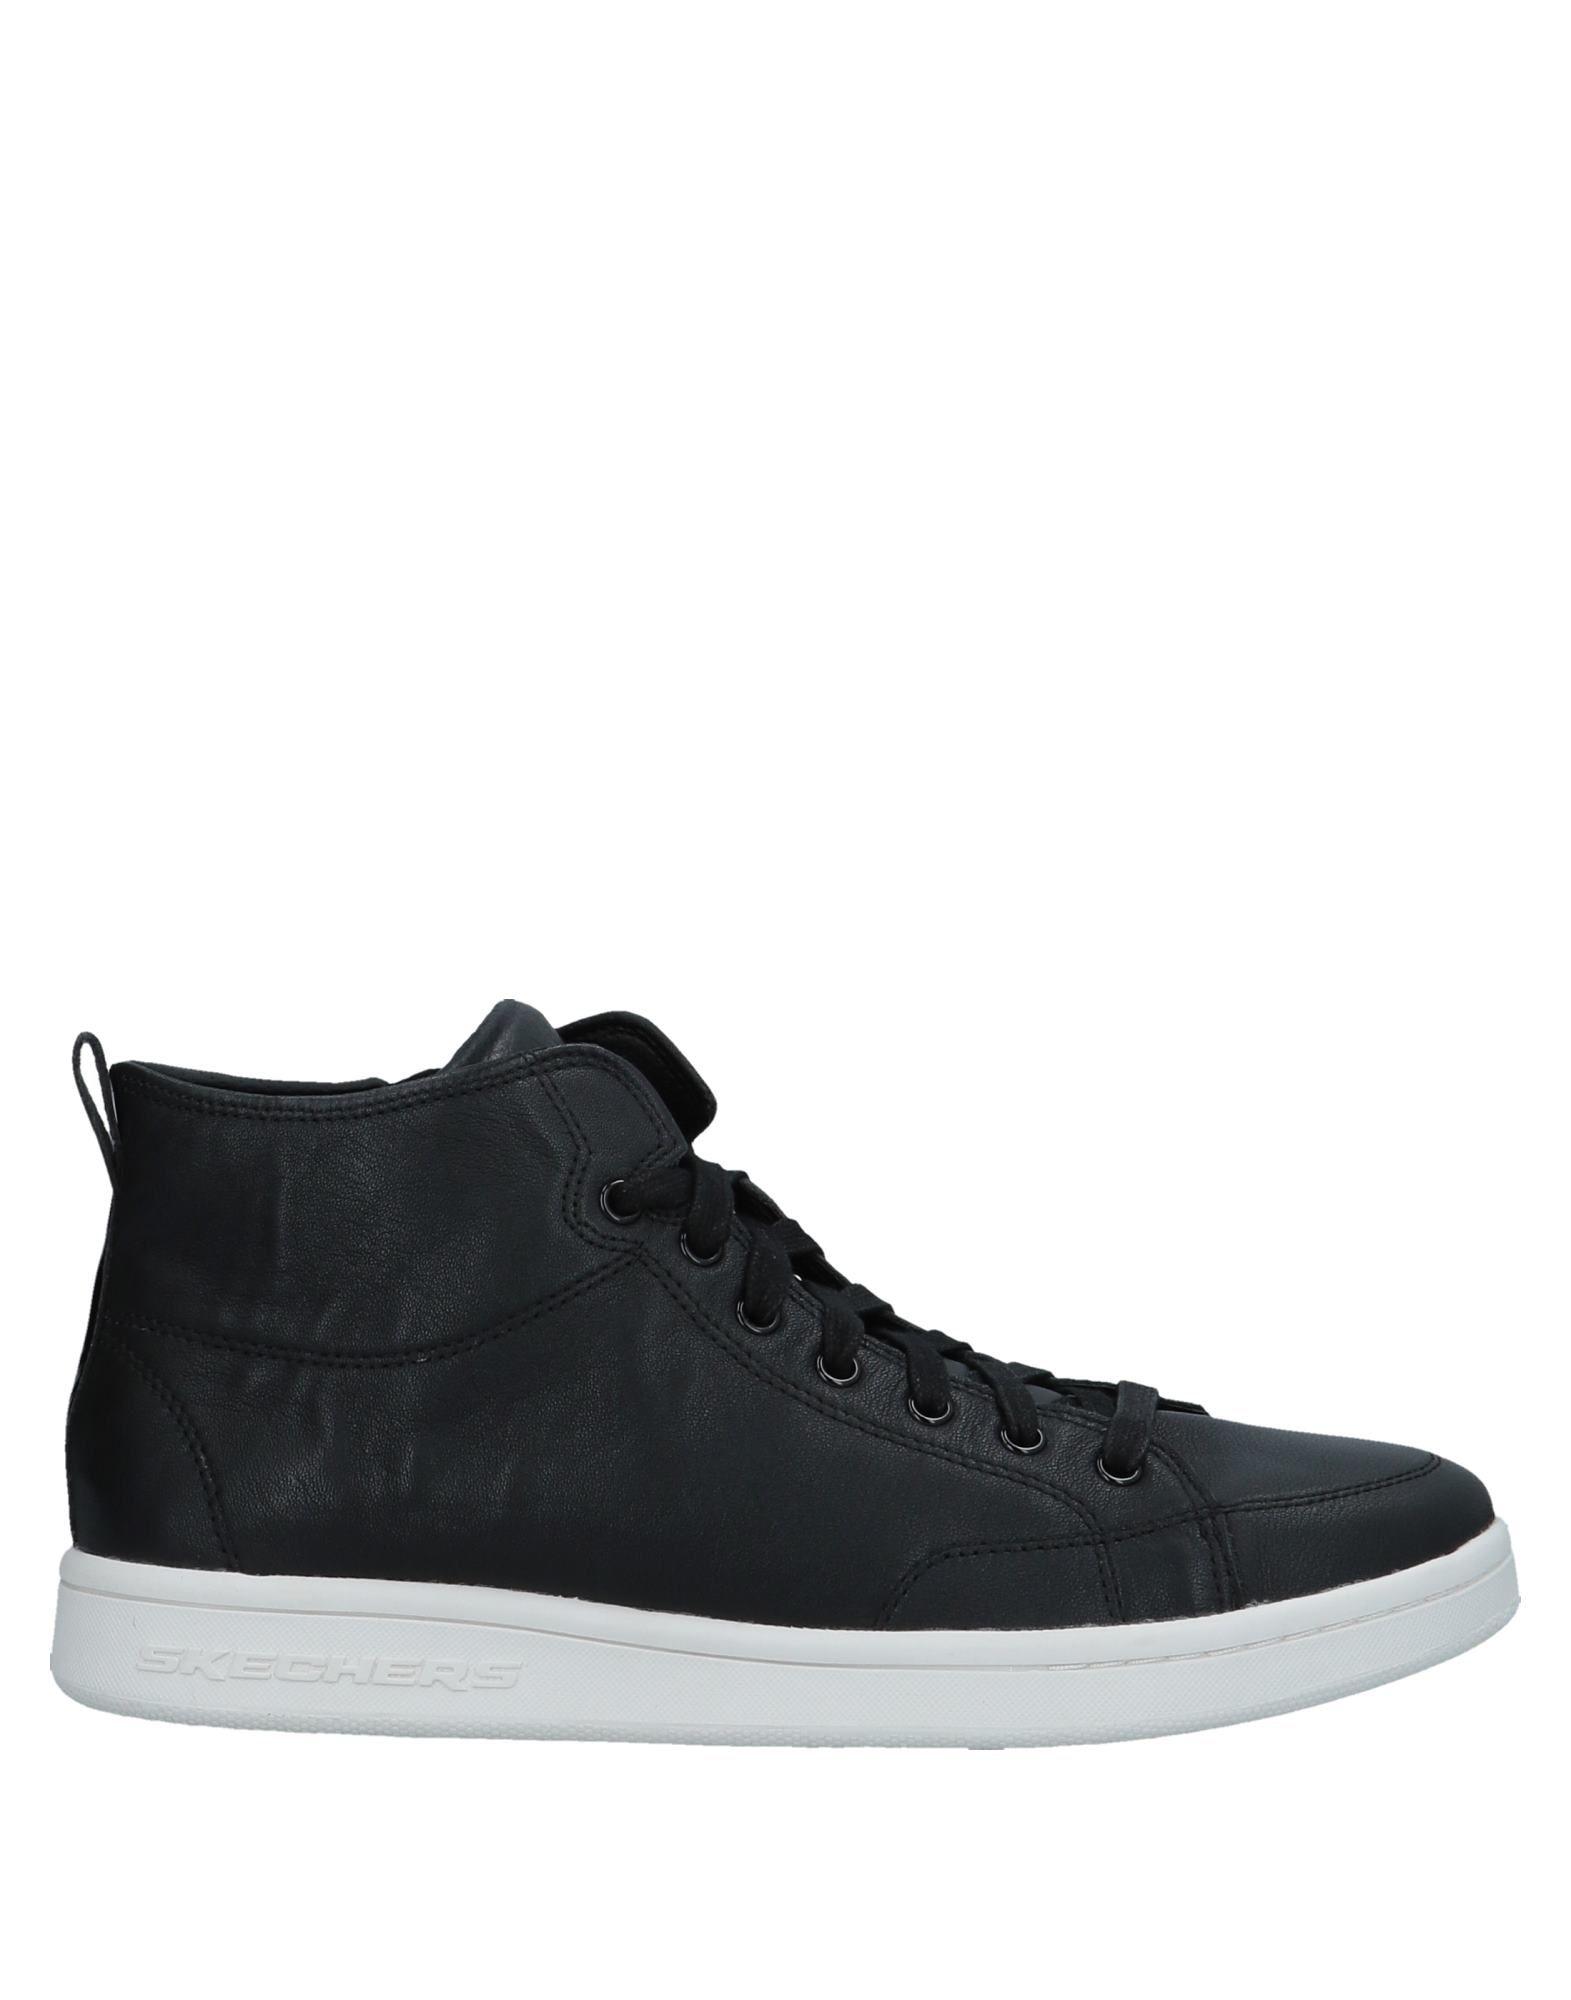 Skechers Sneakers Damen Damen Sneakers  11529212JK  362b85